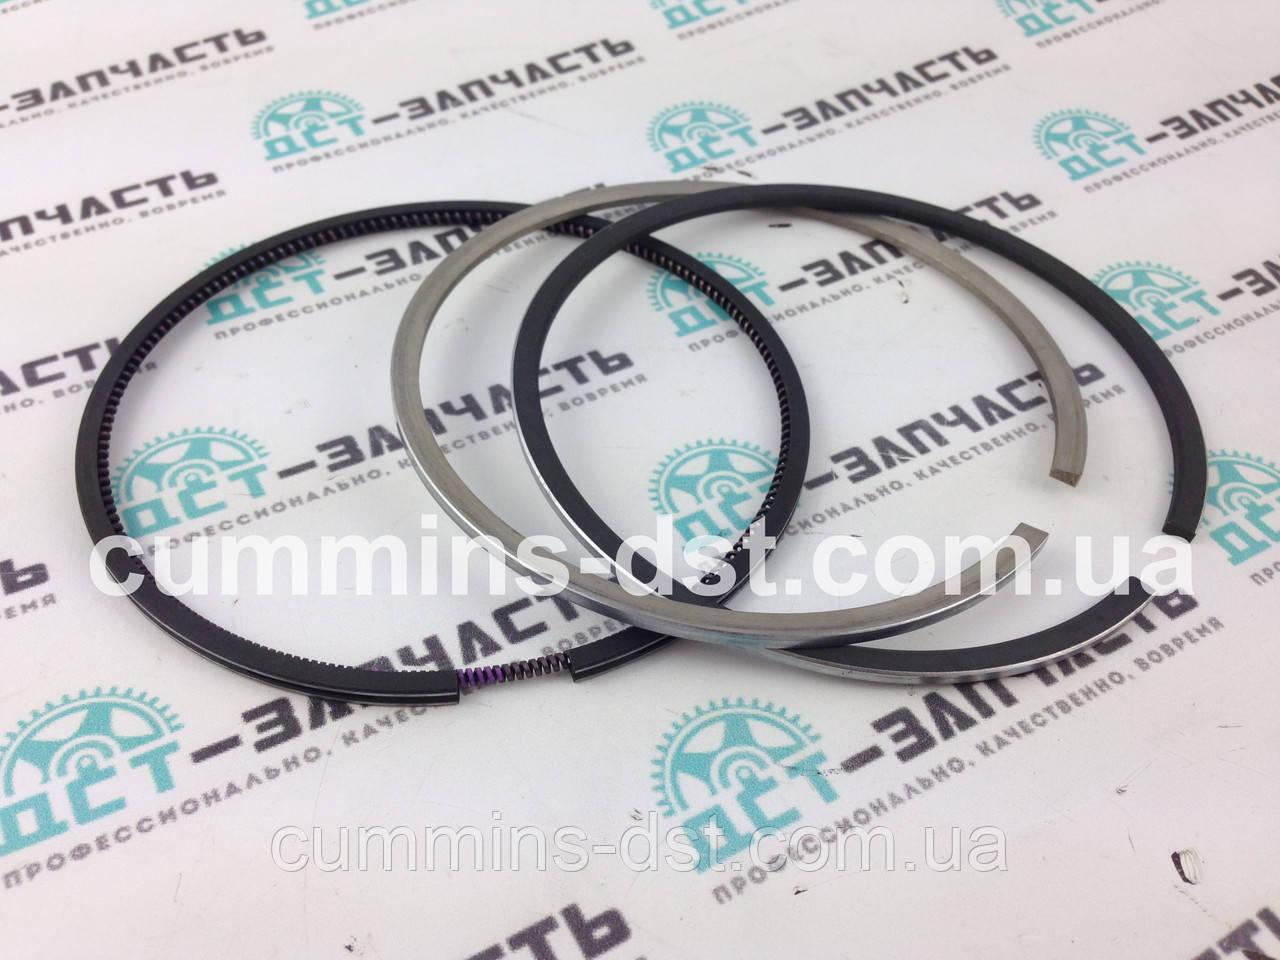 Кольца поршневые 107мм ремонт +0.50 - 4089614 Cummins QSB4.5 QSB6.7 КАМАЗ